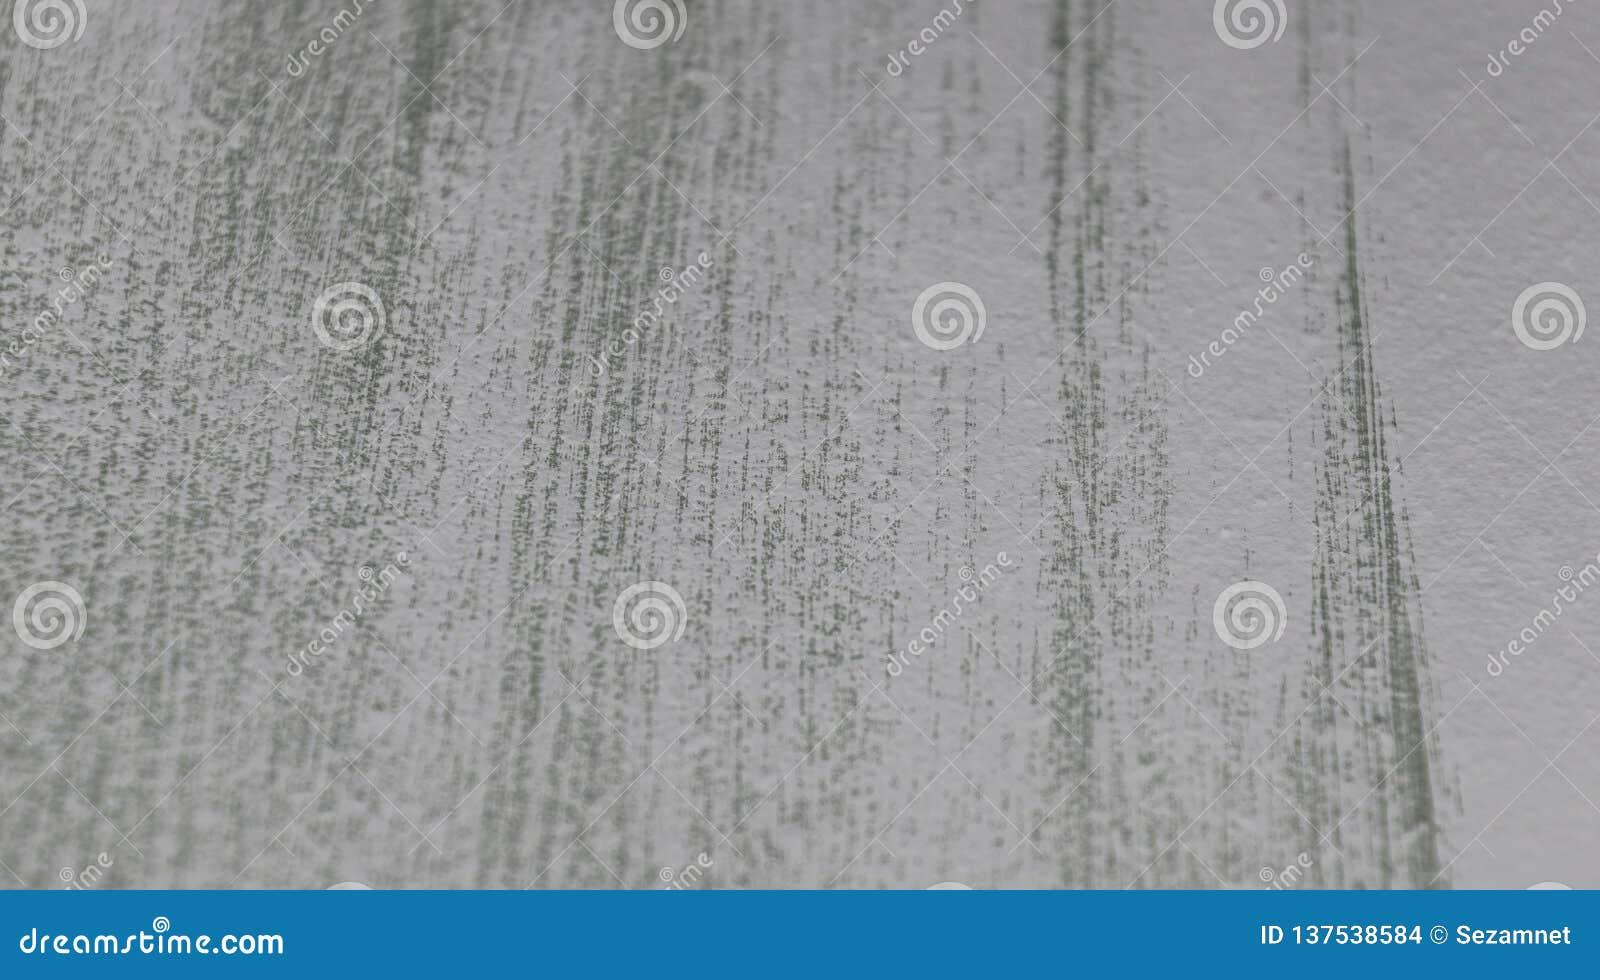 Struttura della tela di canapa Documento obsoleto Documento riciclato Priorità bassa bianca di disegno Contesto luminoso Vecchio